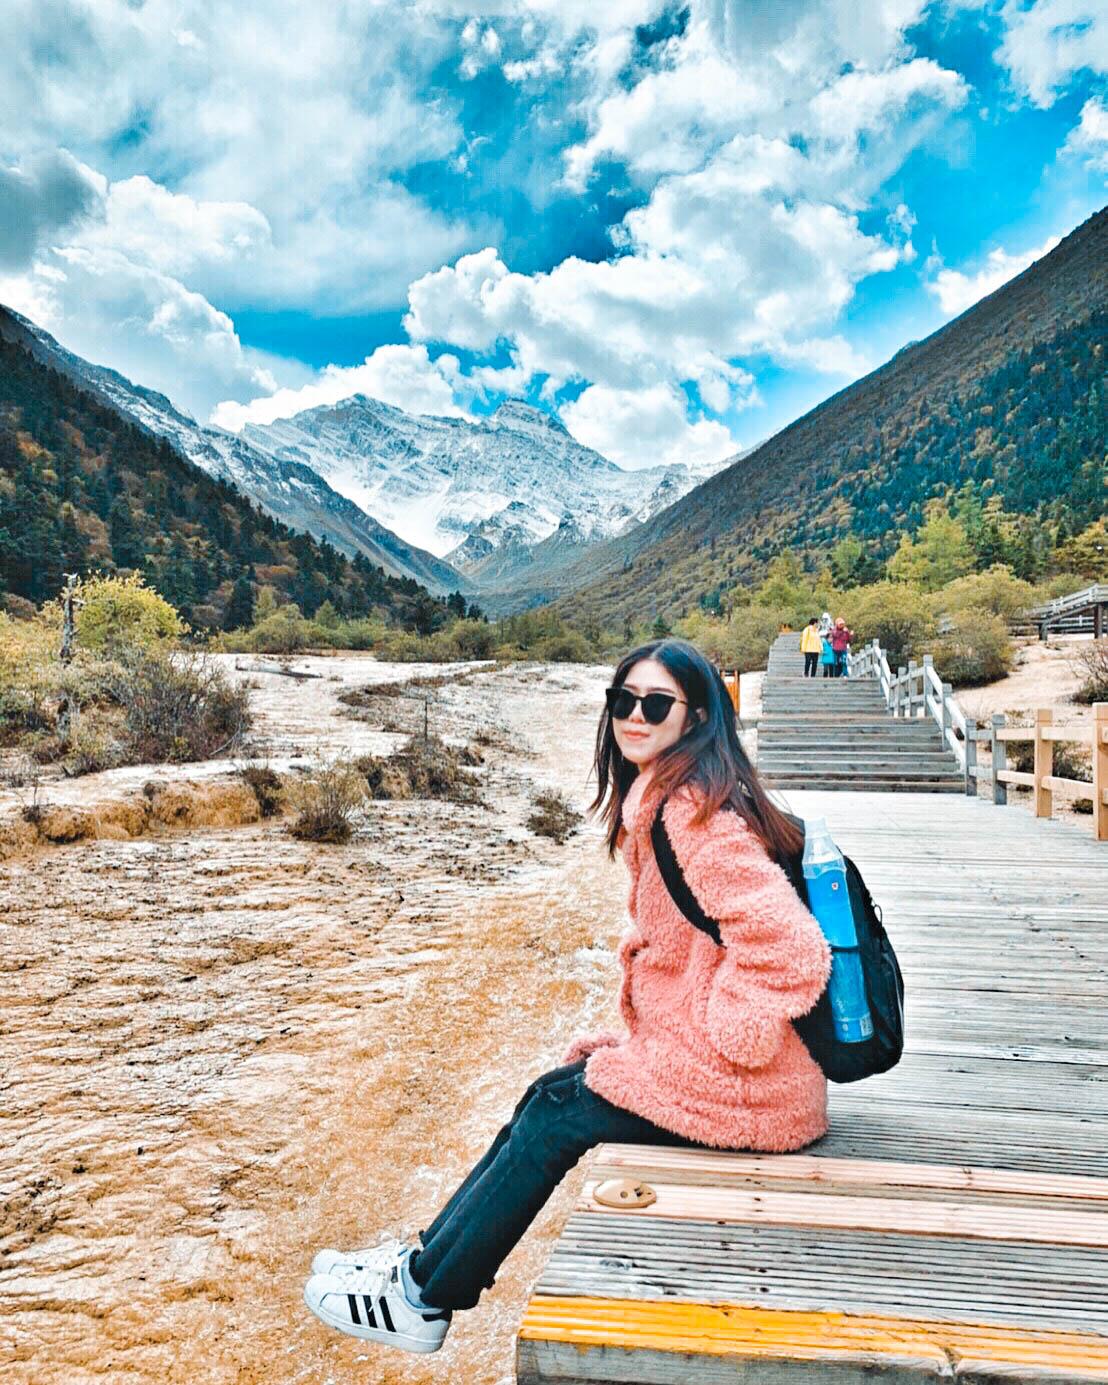 อุทยานแห่งชาติหวงหลง ทัวร์จีน ทัวร์จิ่วจ้ายโก Jiuzhaigo